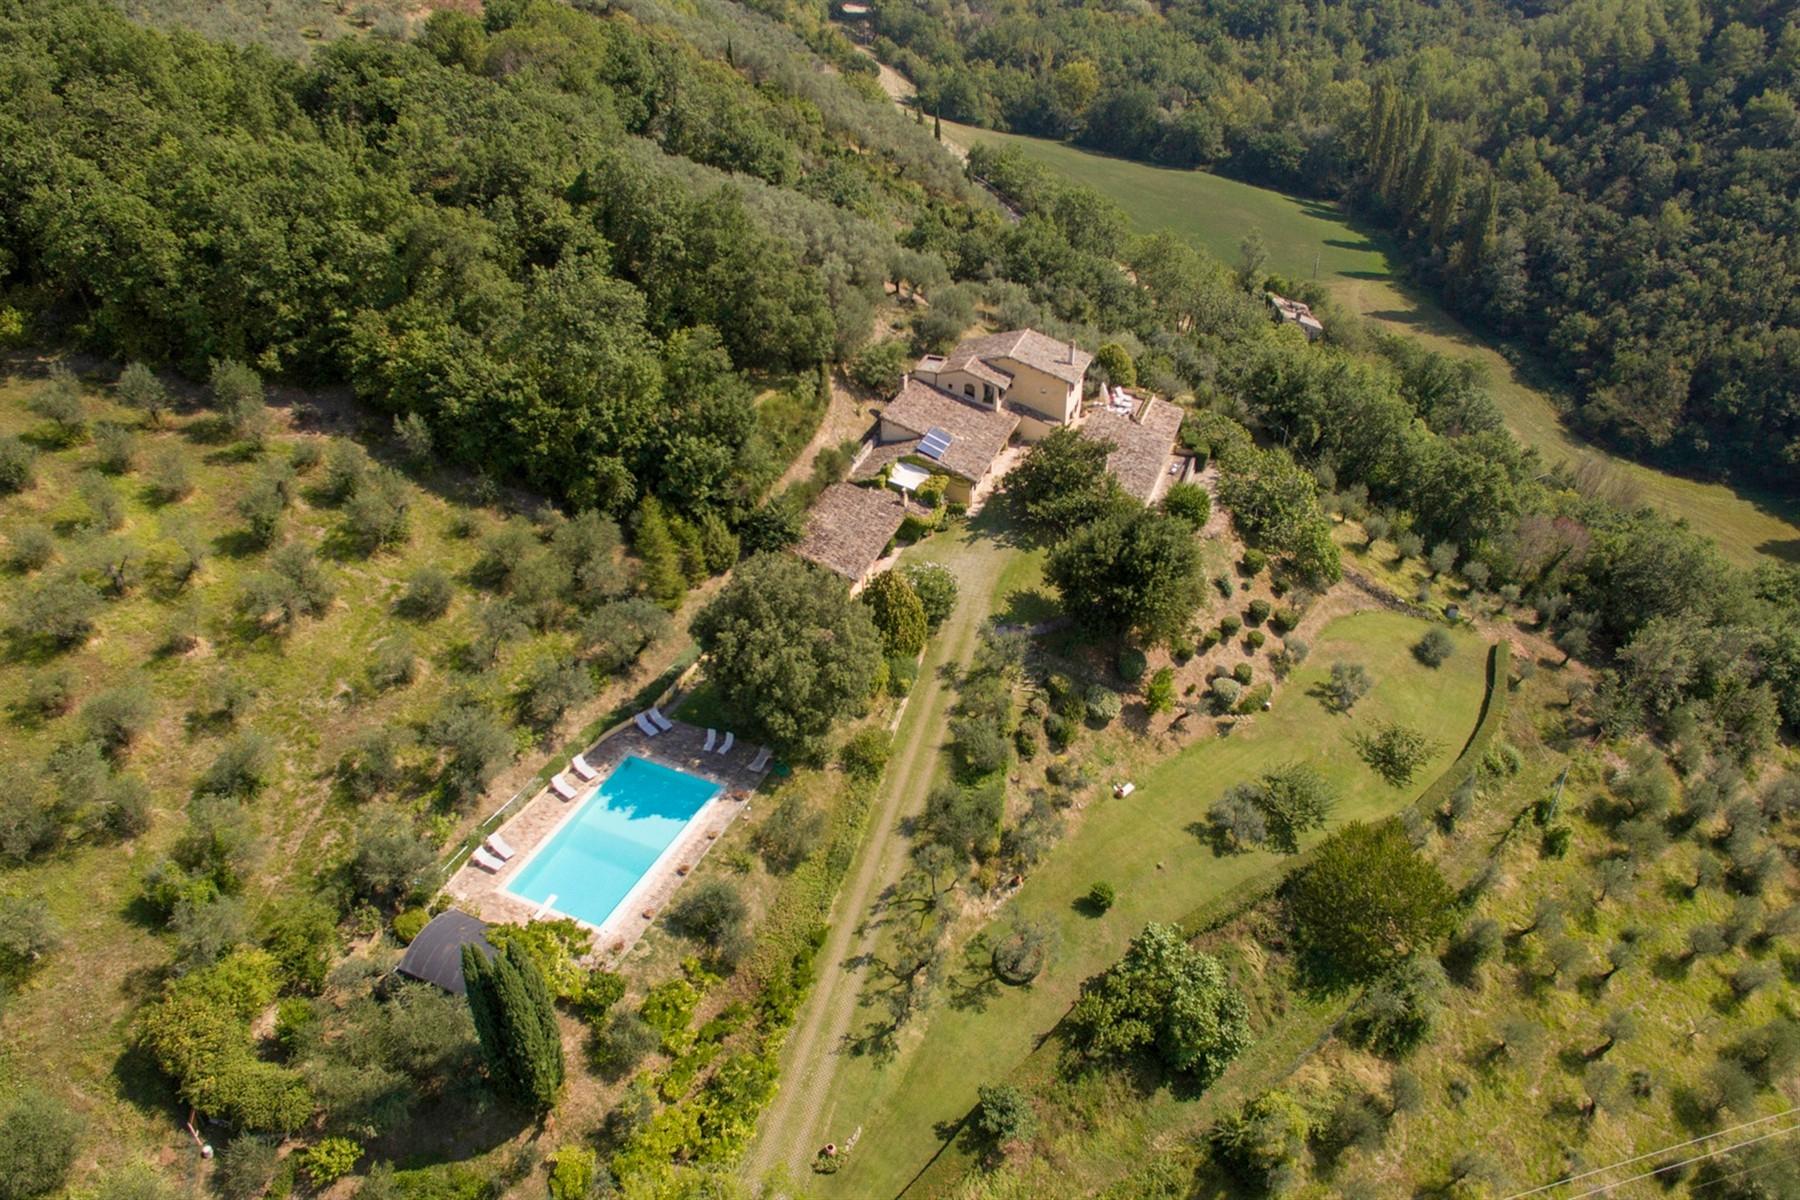 Villa in Vendita a Foligno: 5 locali, 350 mq - Foto 1